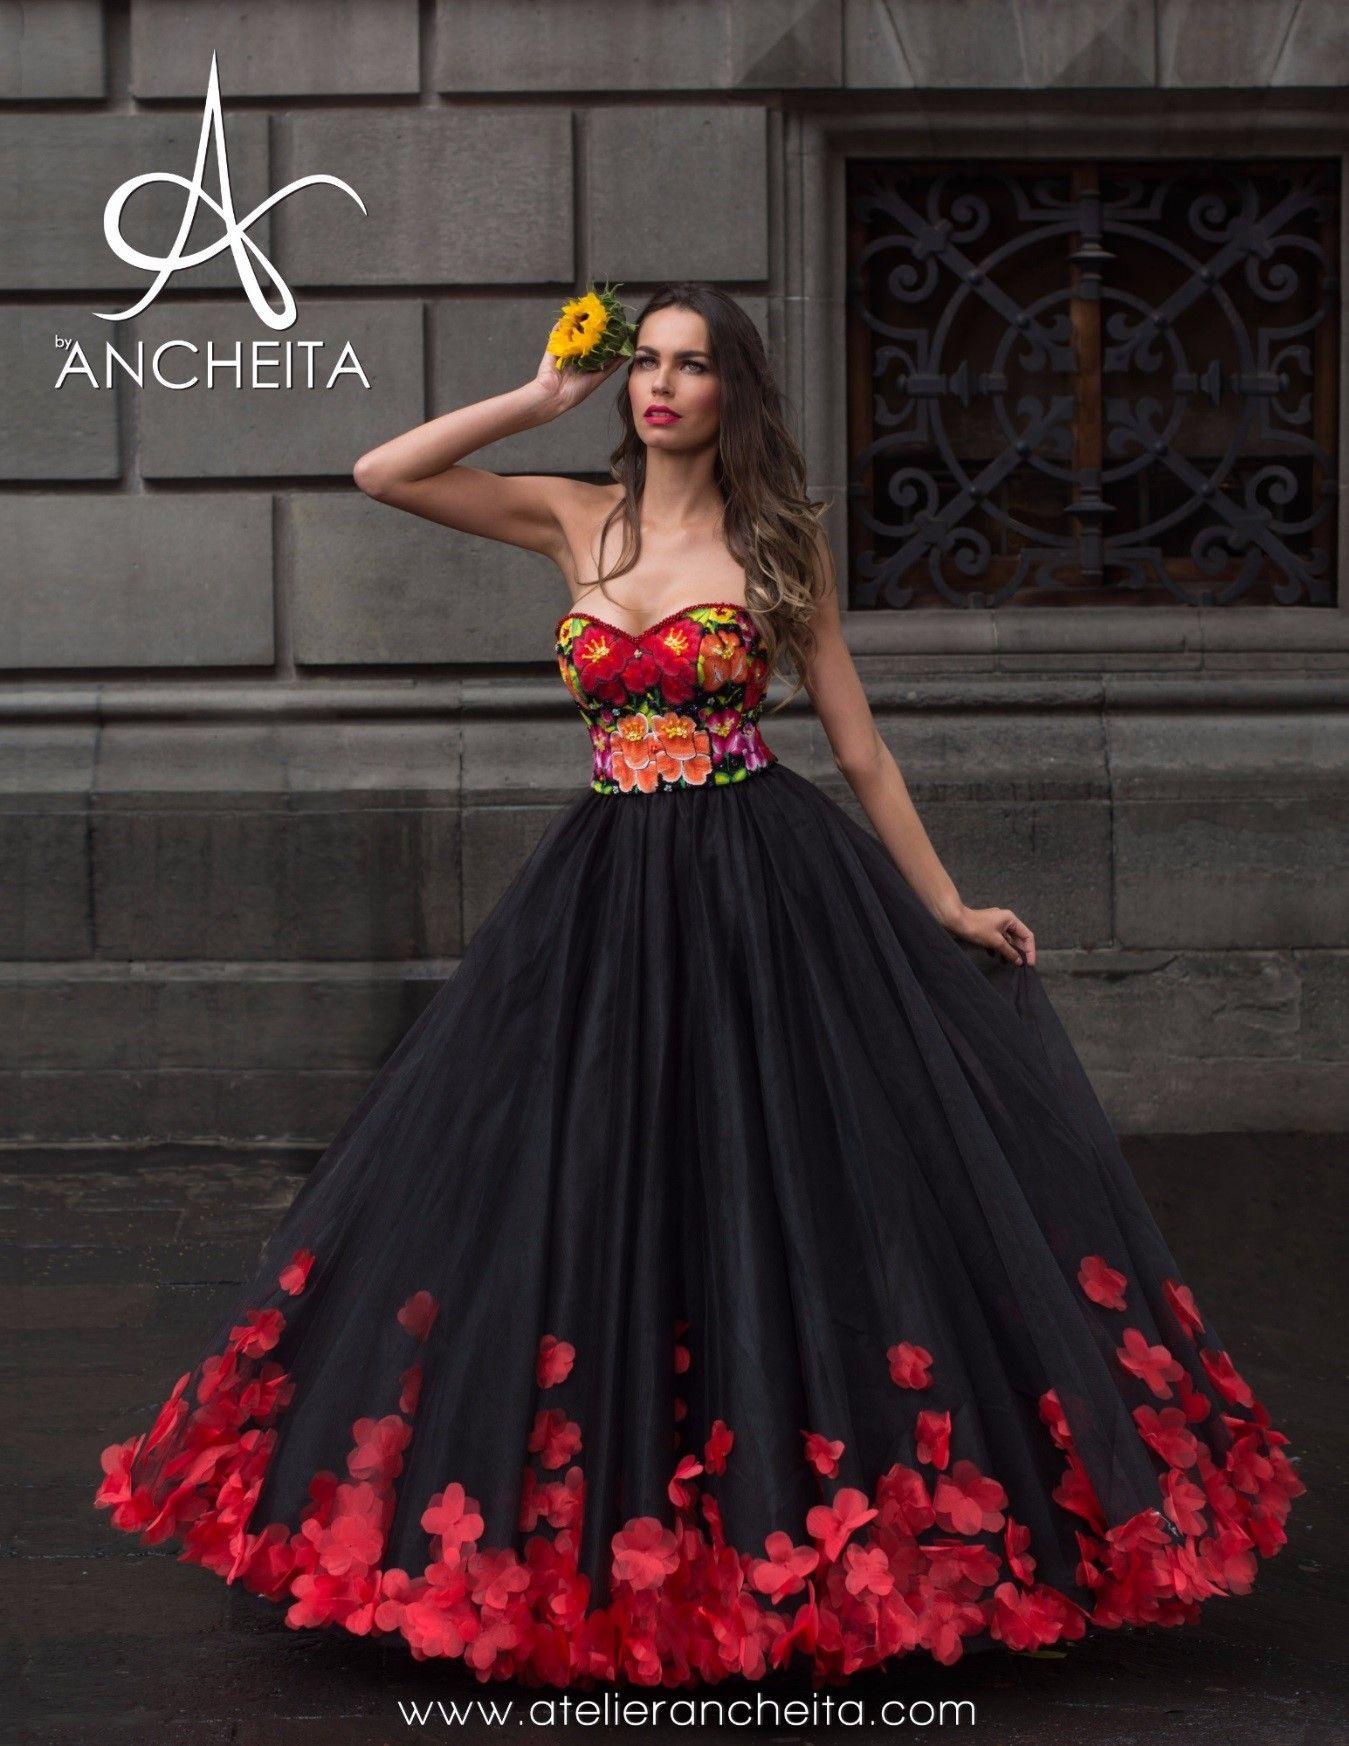 Boda Hermoso Vestido Ancheita Pétalos Fiesta Próximo De 8n0wPOk